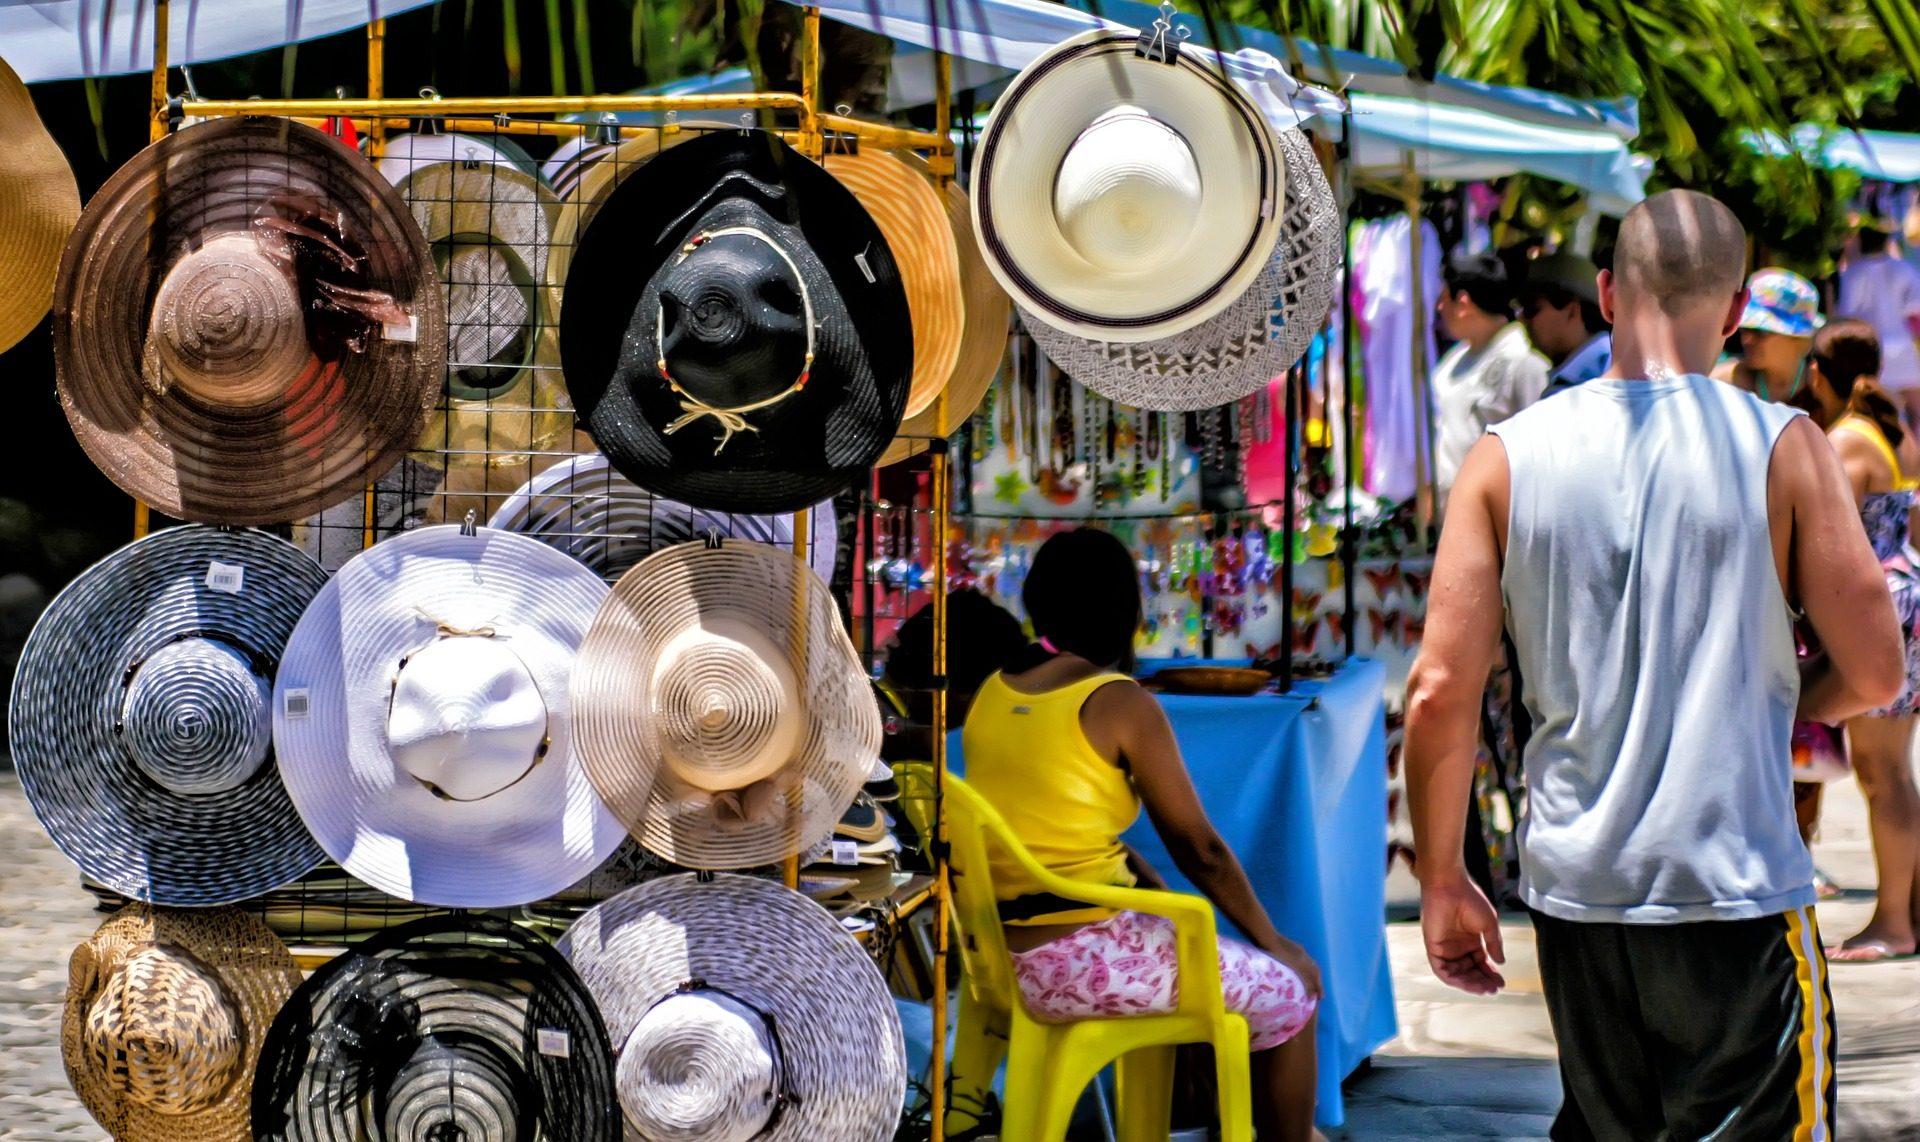 Шляпа, Магазин, Начиная с, рынок, Улица, люди - Обои HD - Профессор falken.com